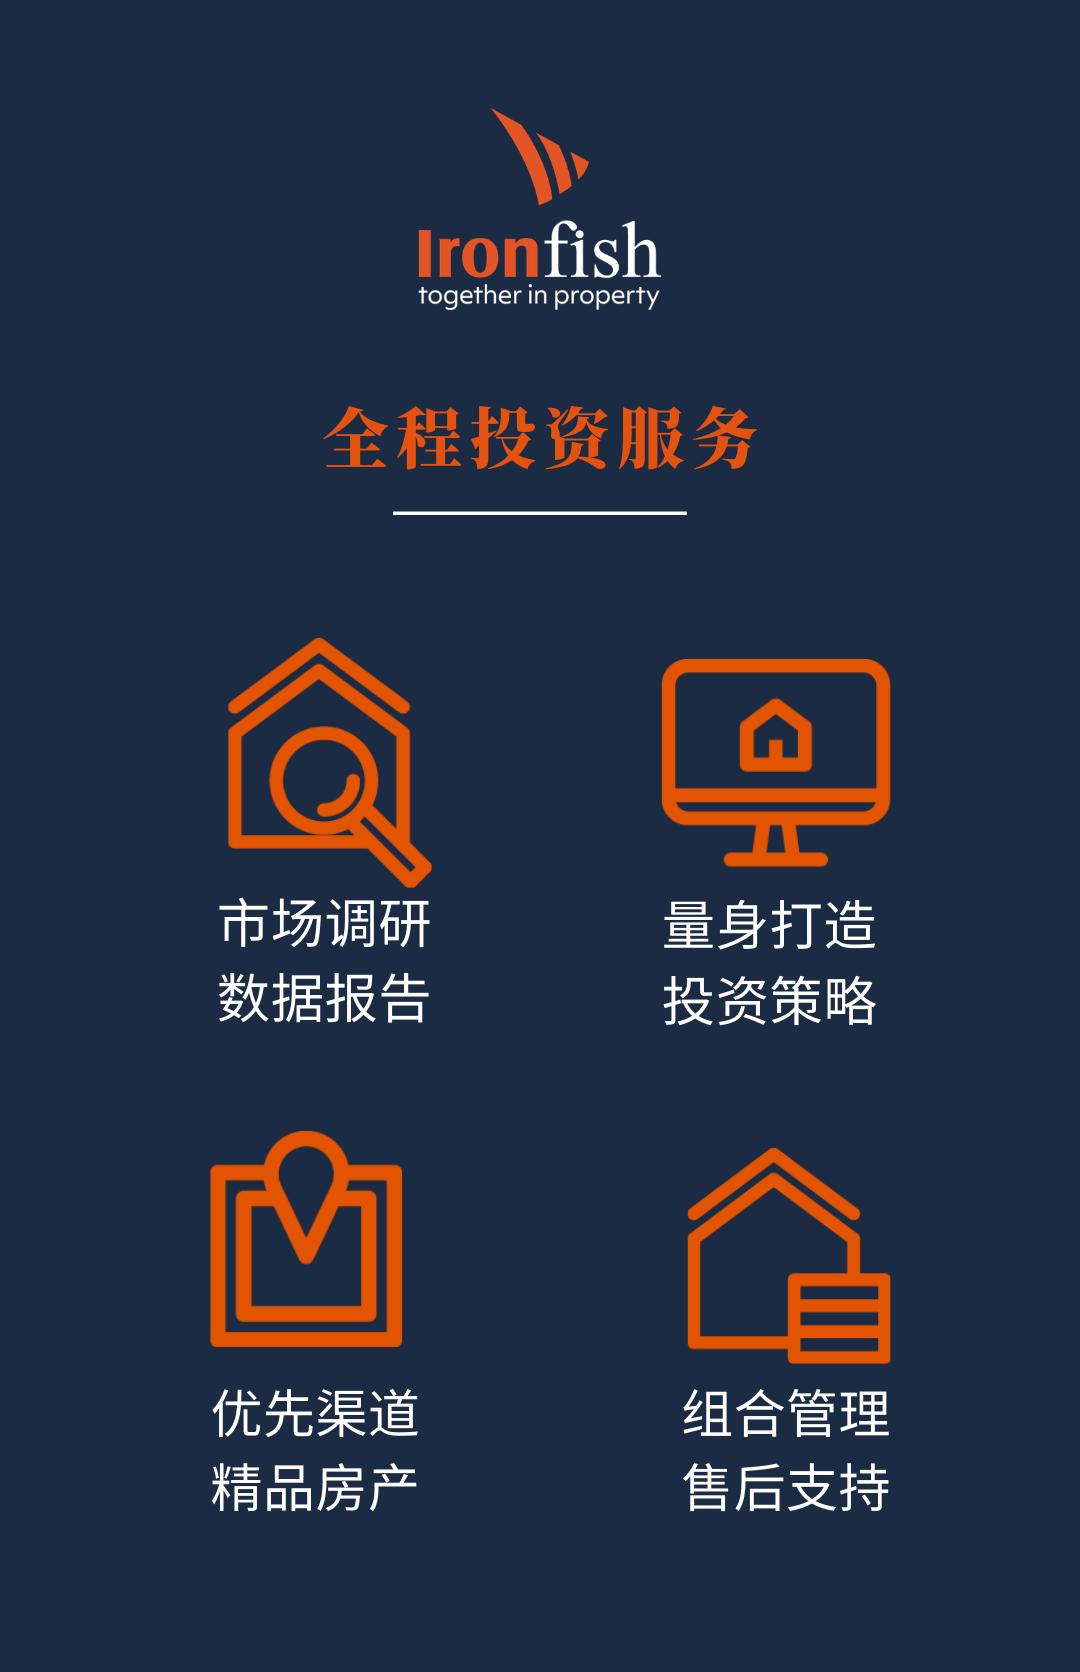 2021最新:澳洲什么样的房子算热门房产?你又该如何找到它?